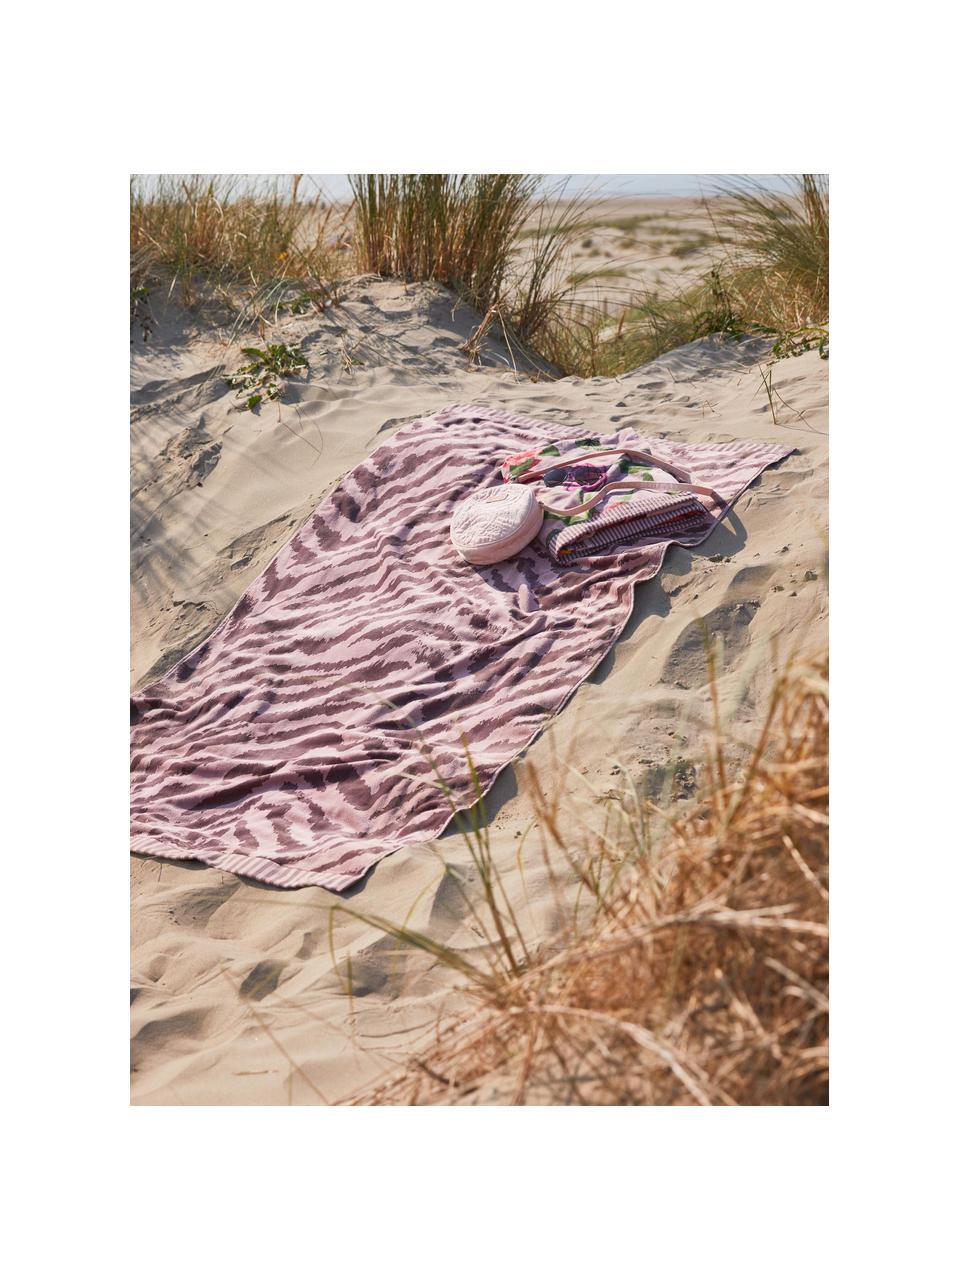 Plážová osuška se vzorem zebry Belen, Růžová, švestková